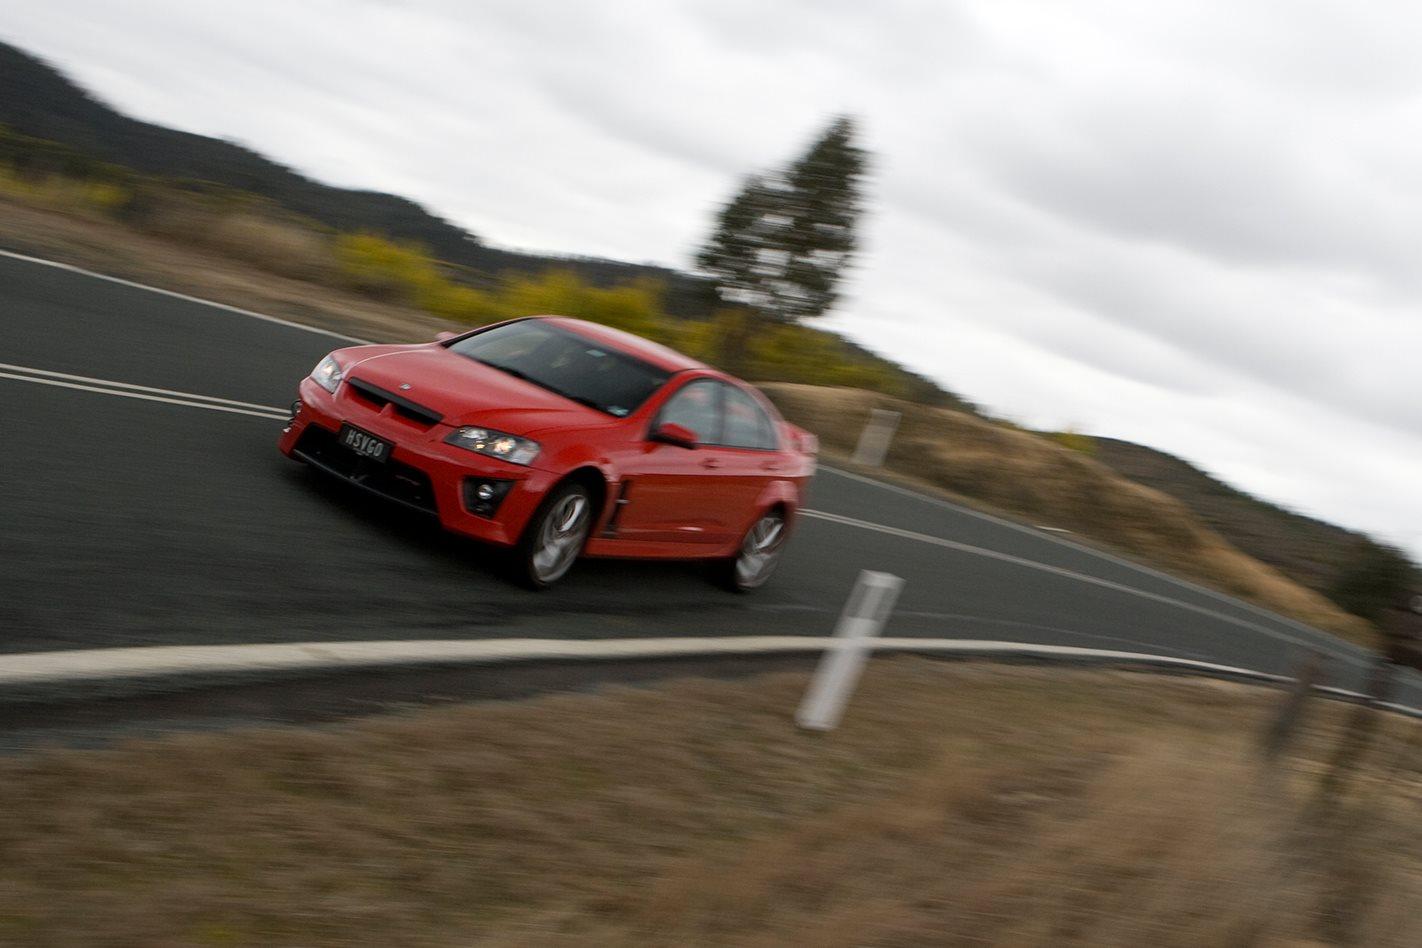 2008-HSV-GTS-drive.jpg